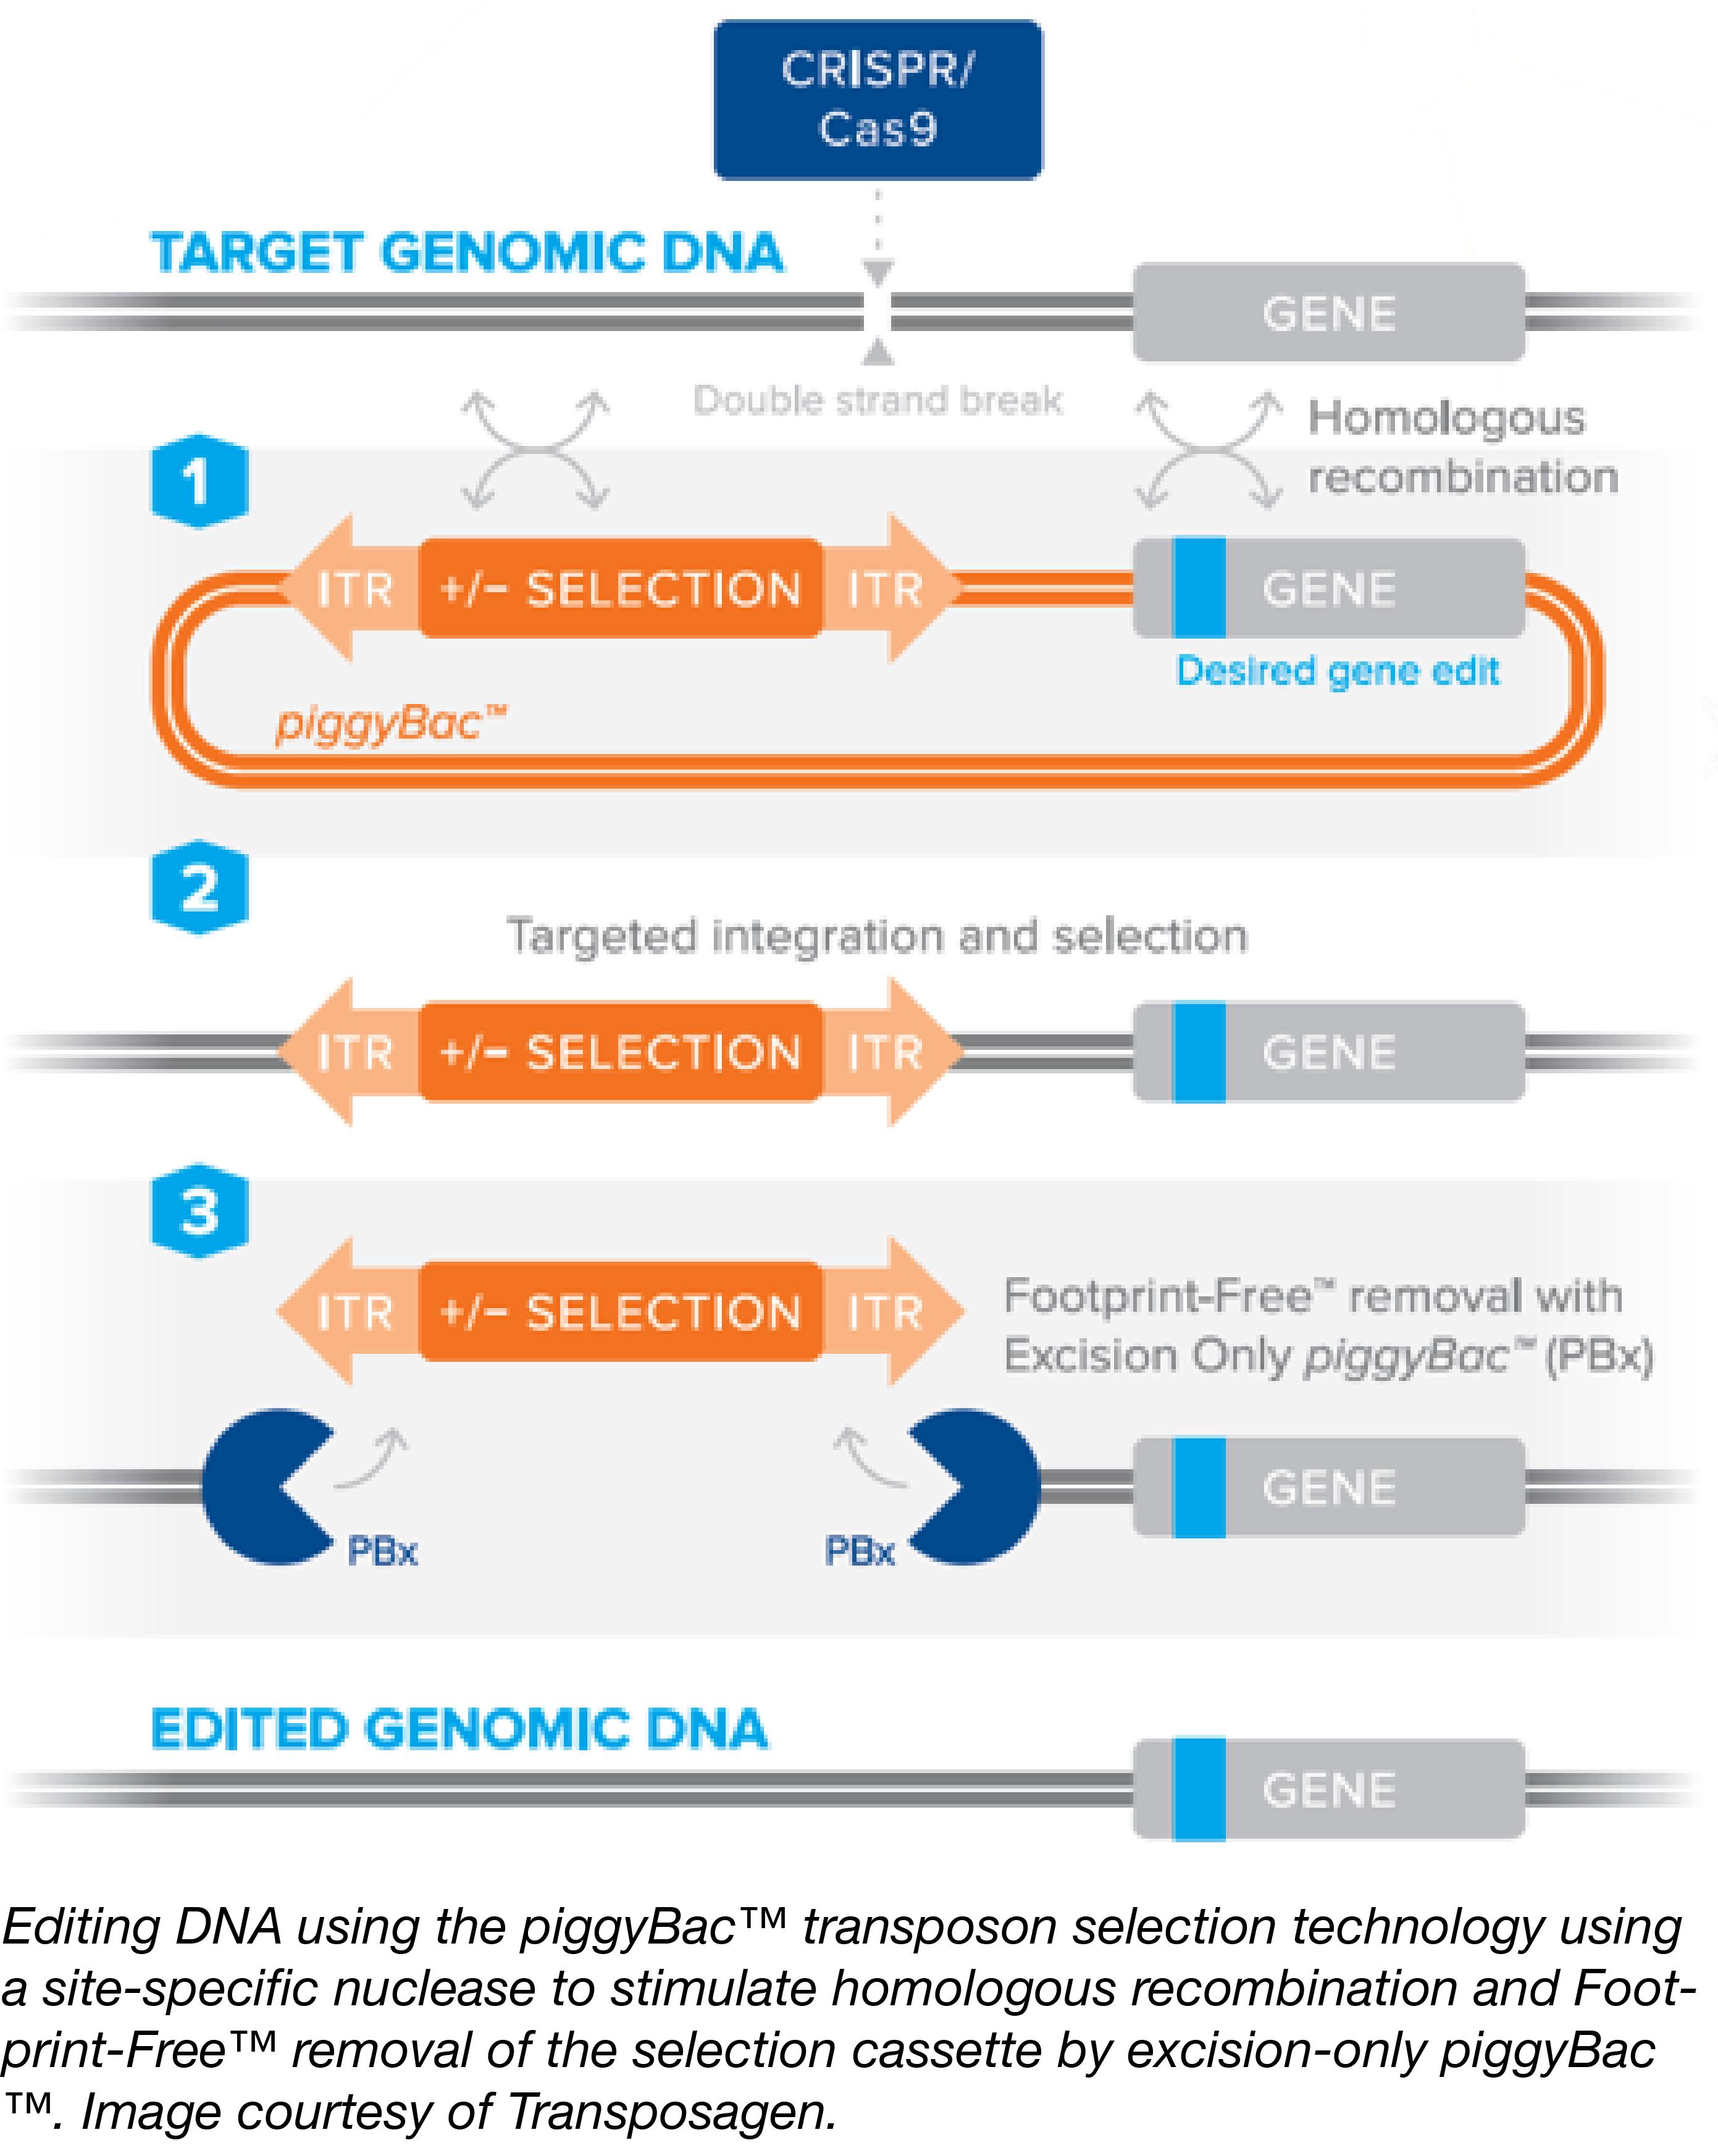 Using piggyBac for enhanced CRISPR genome editing